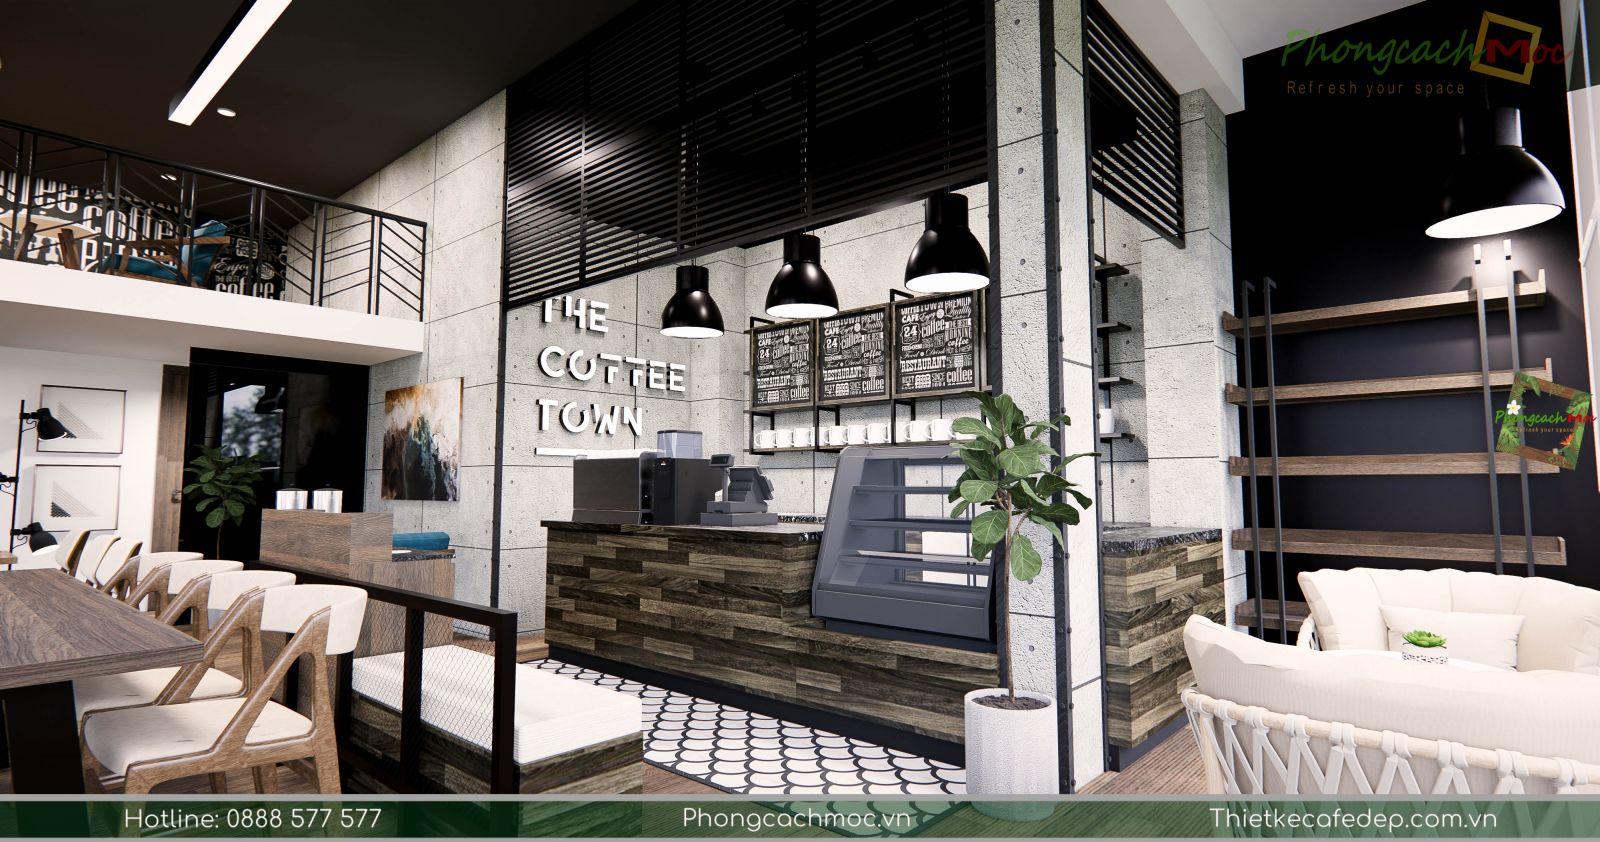 thiet-ke-quan-cafe-the-coffee-town-khong-gian-tang1-2